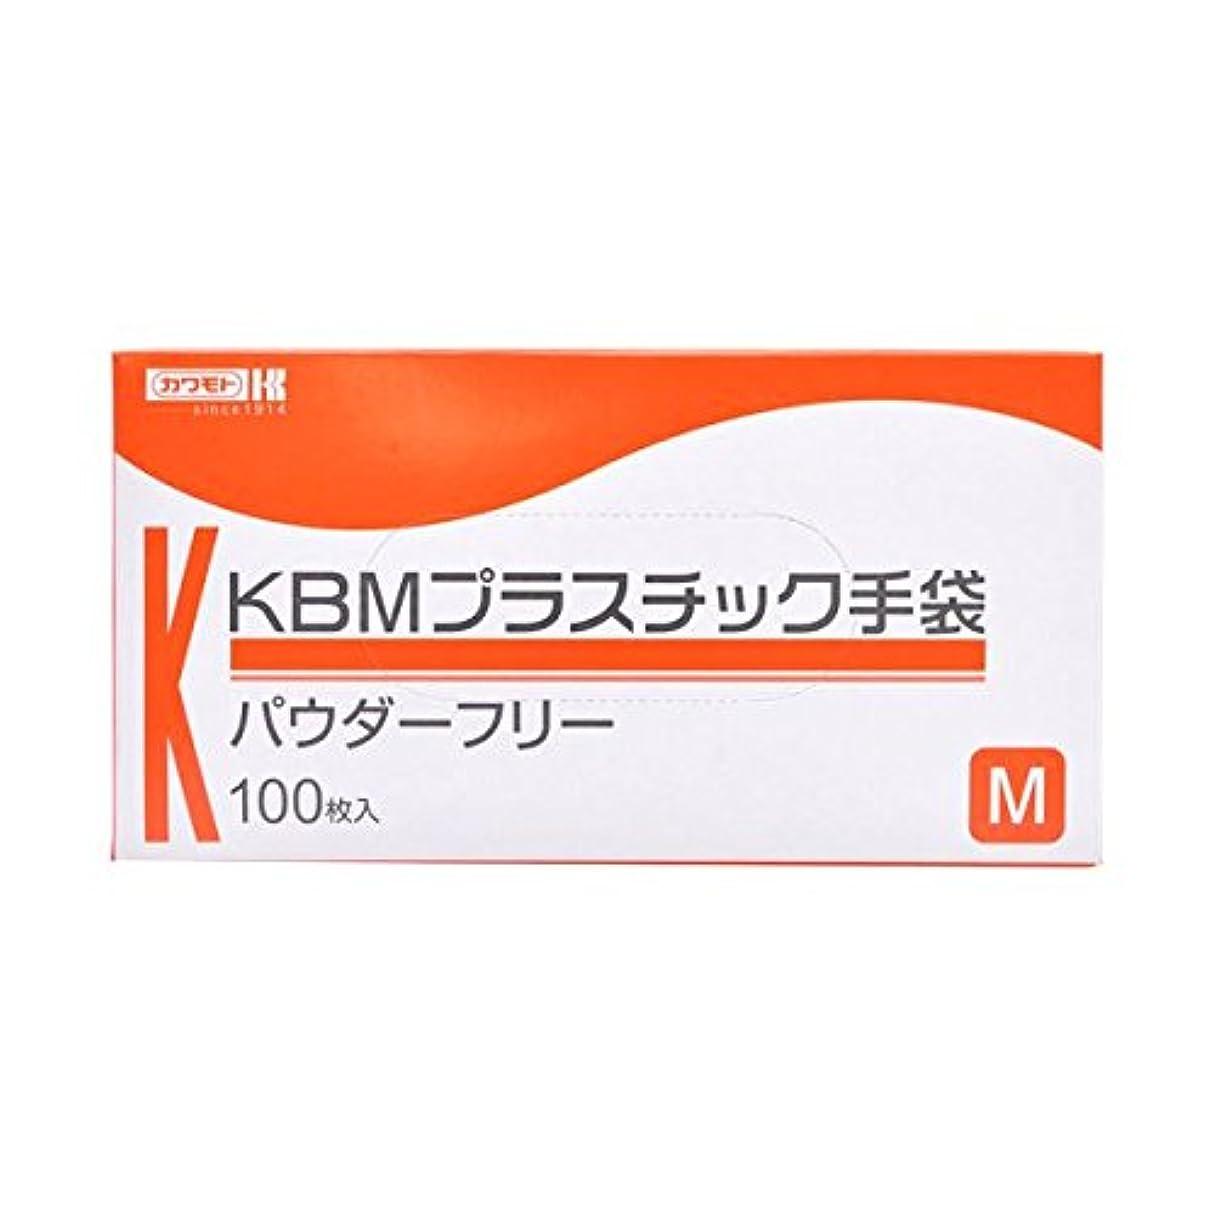 不適当珍しいアスレチック川本産業 KBMプラスチック手袋 パウダーフリー M 100枚入 ×3個